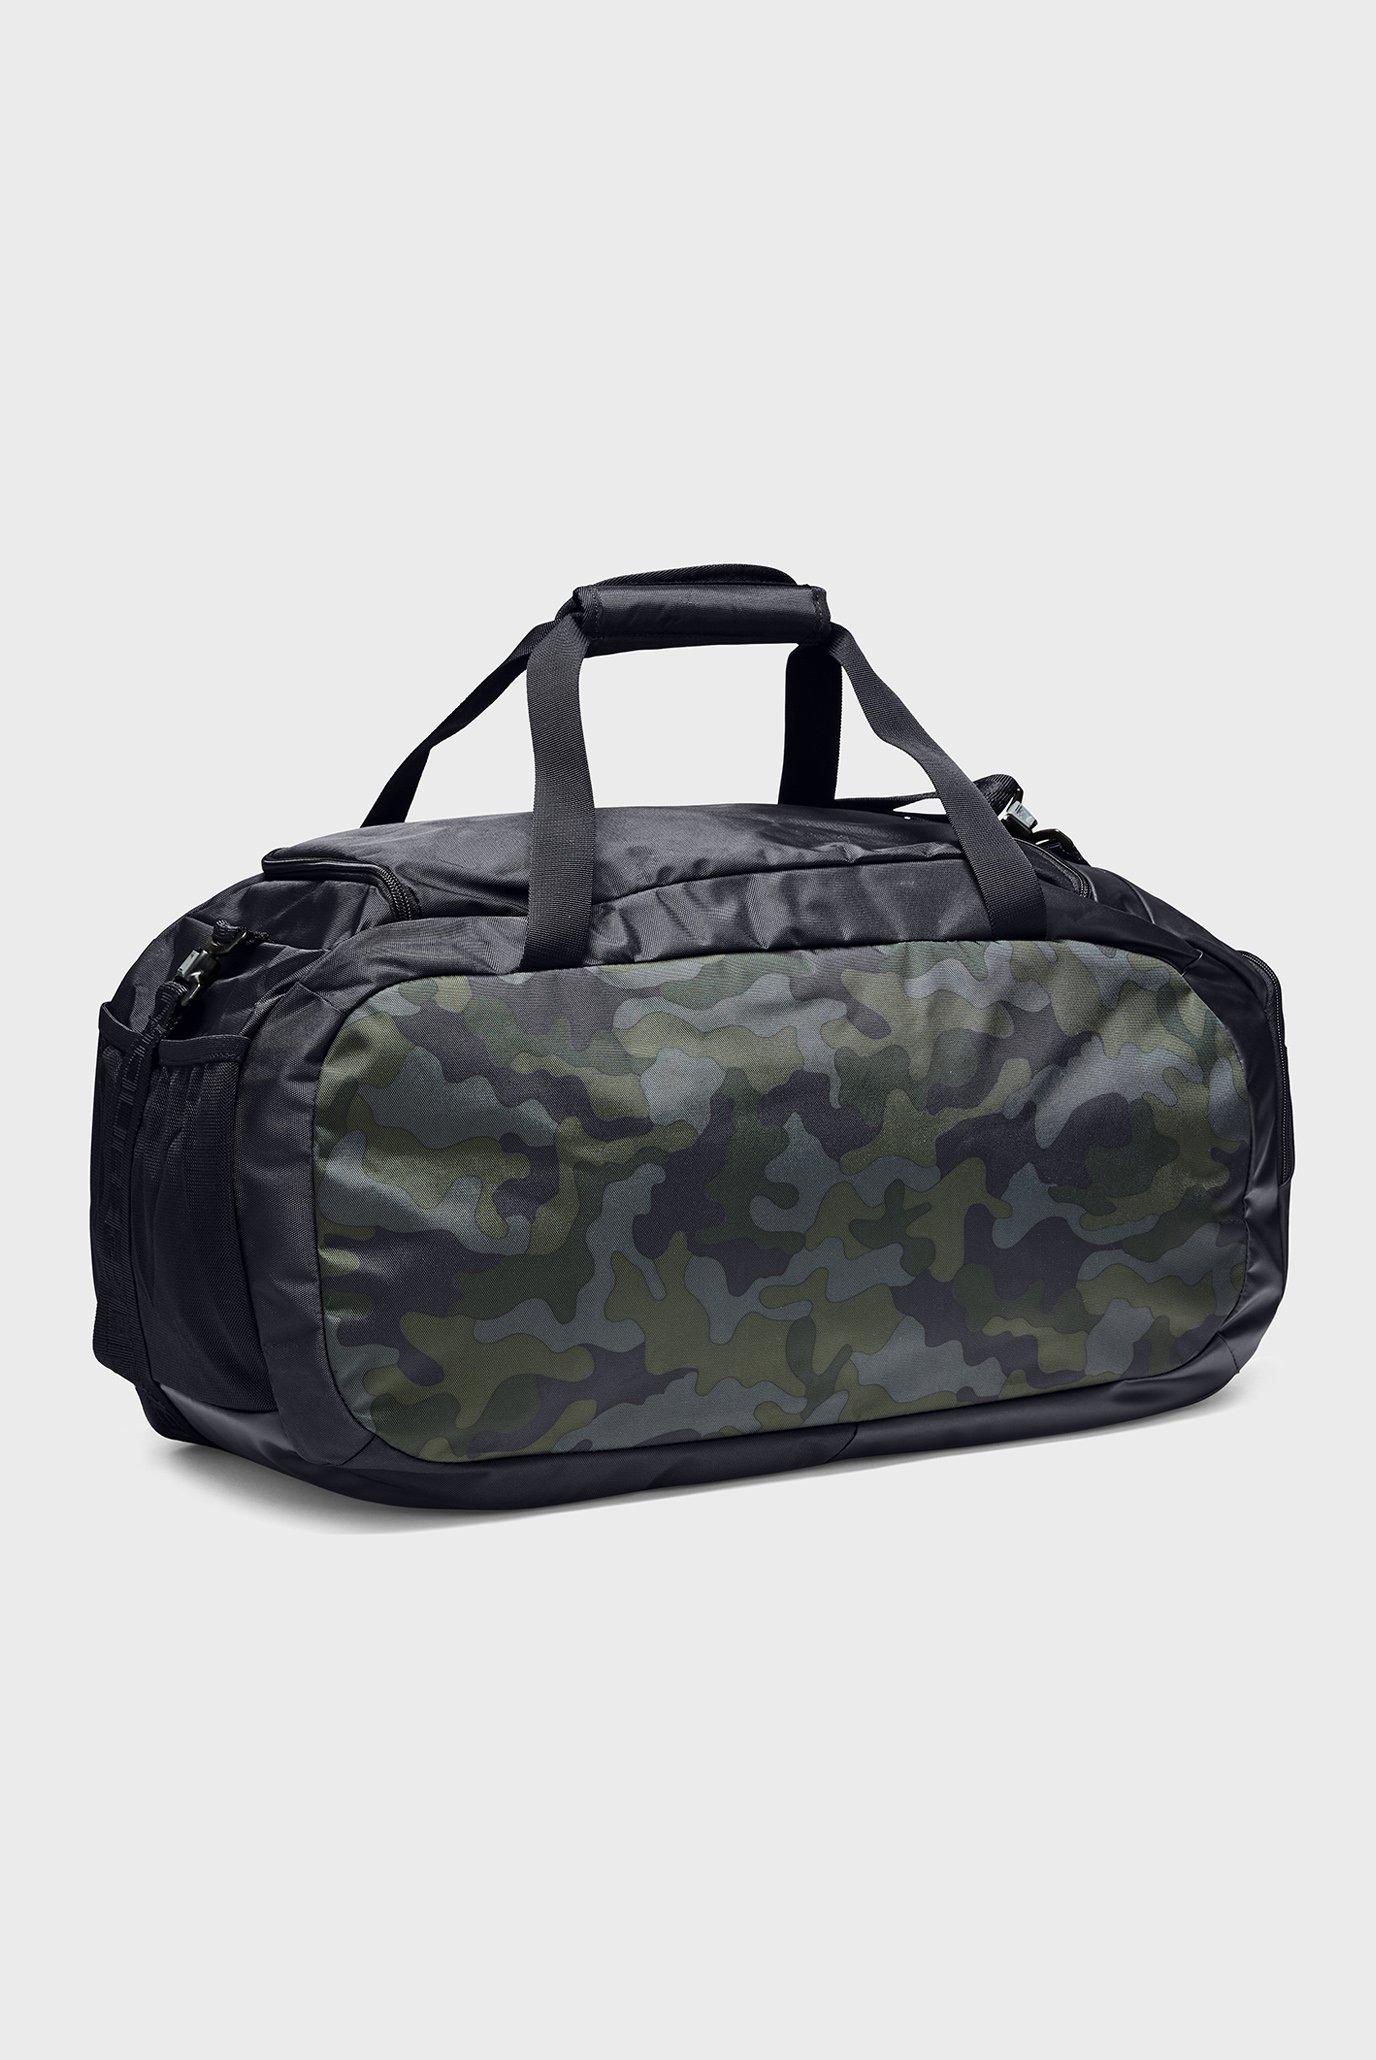 Камуфляжная спортивная сумка Undeniable Duffel 4.0 MD Under Armour